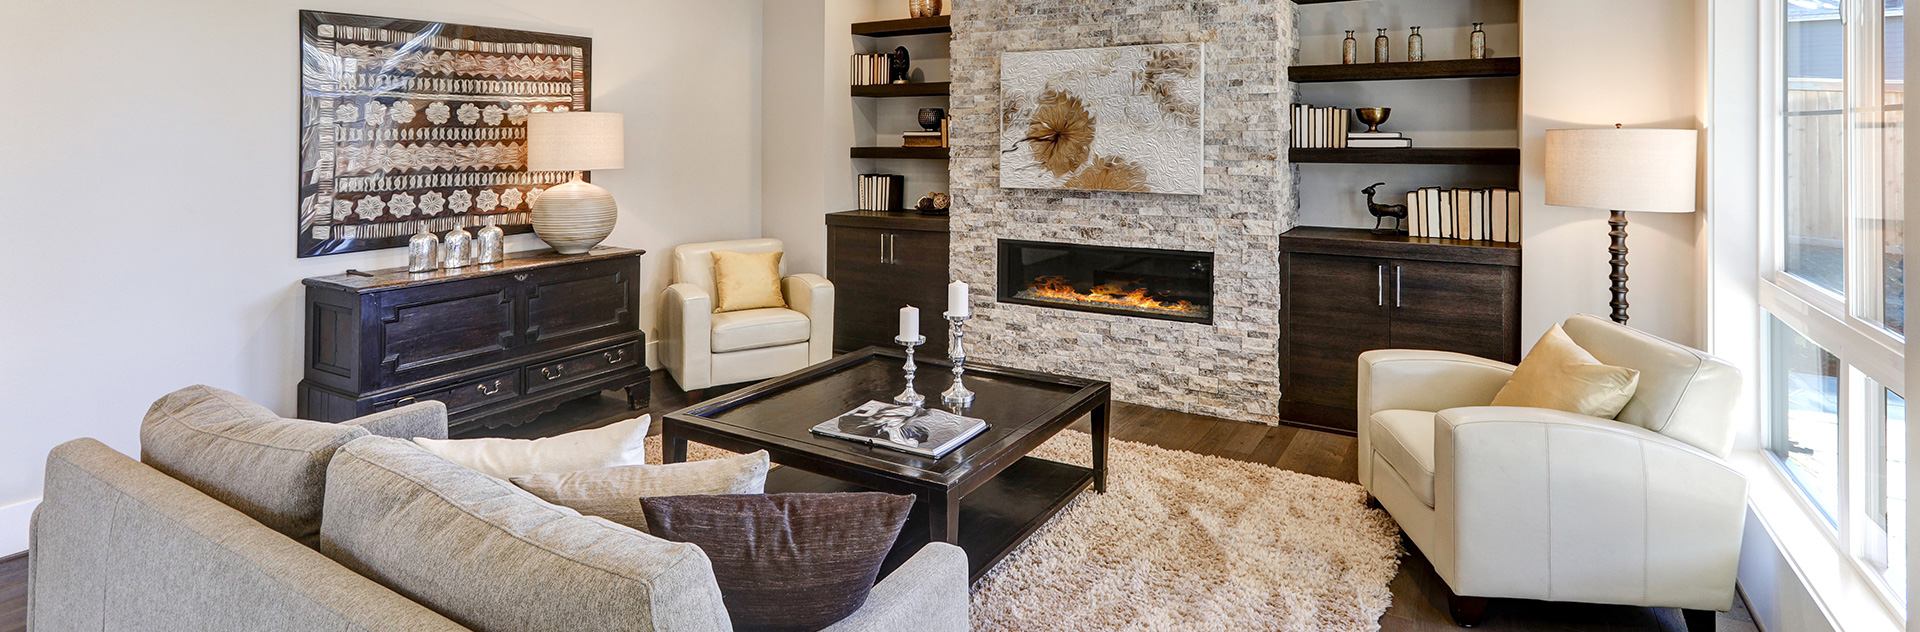 Inmobiliaria acuario en sevilla pisos venta en sevilla for Alquiler de apartamentos en sevilla centro